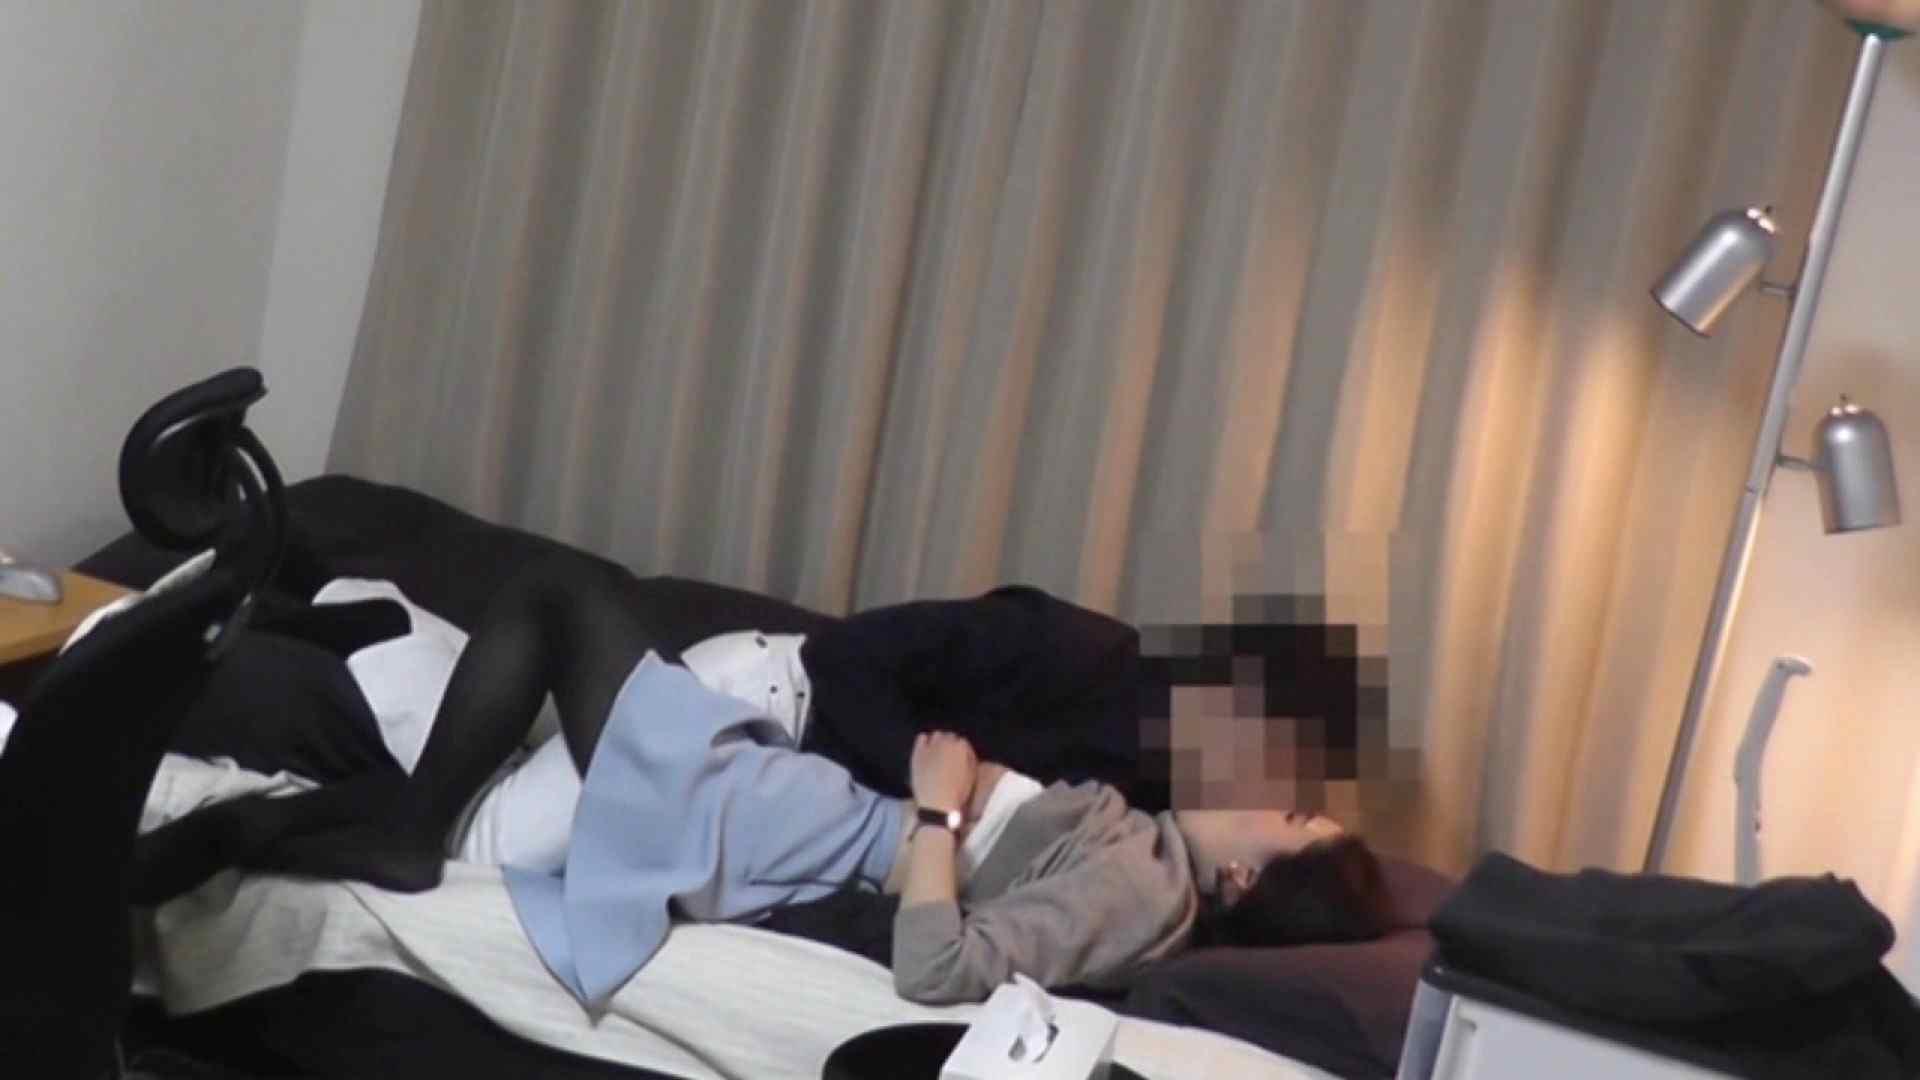 ギャルエロ娘の反乱 Vol.07 SEX映像 | エッチすぎるOL達  55連発 1